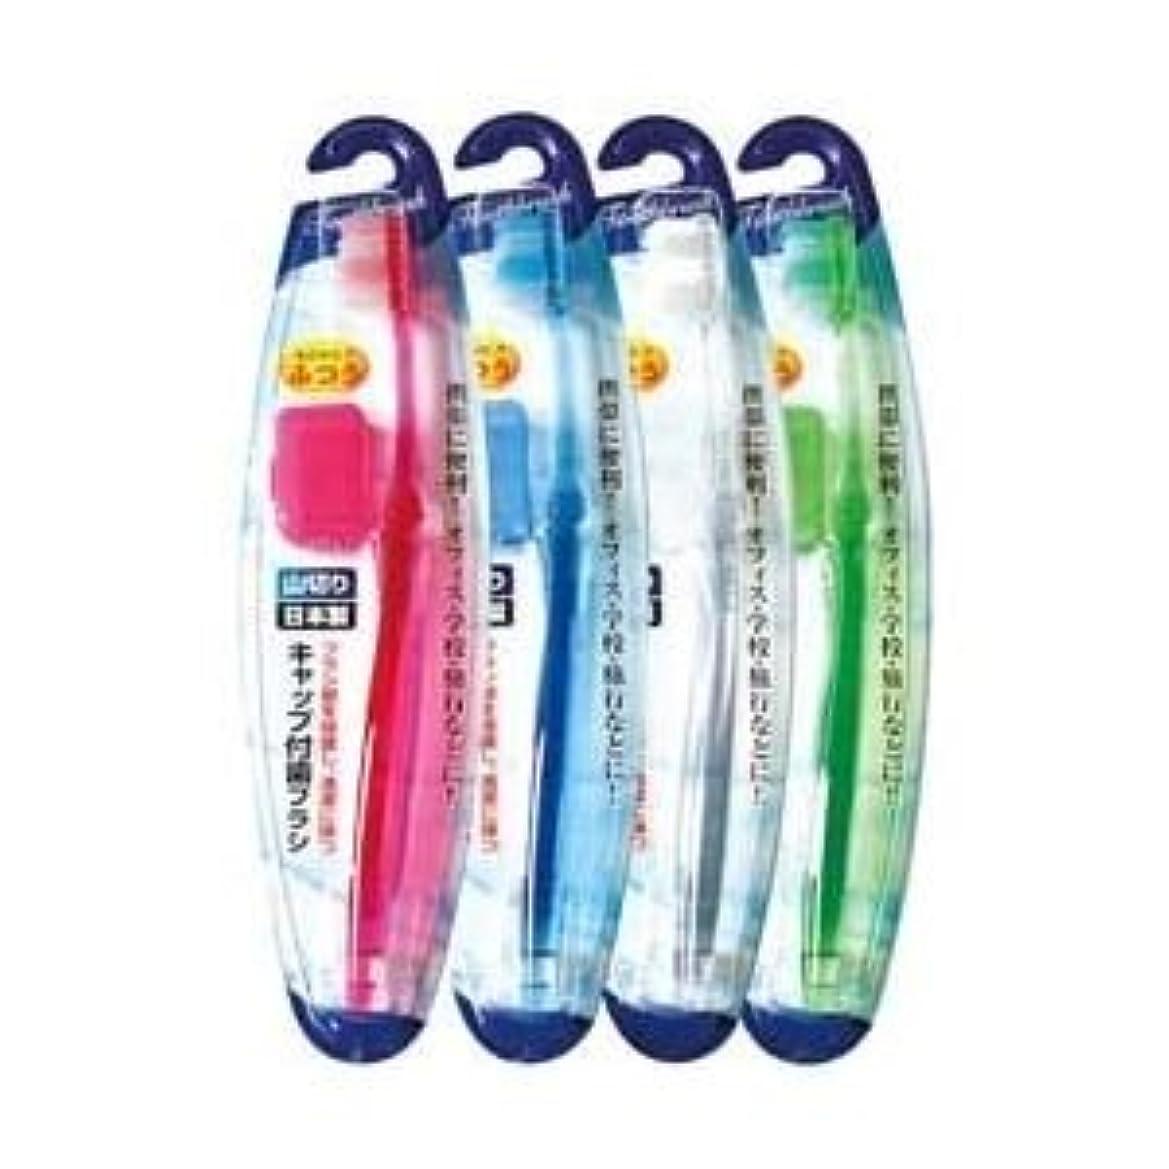 ホーン災難シャベルキャップ付歯ブラシ山切りカット(ふつう)日本製 【12個セット】 41-209